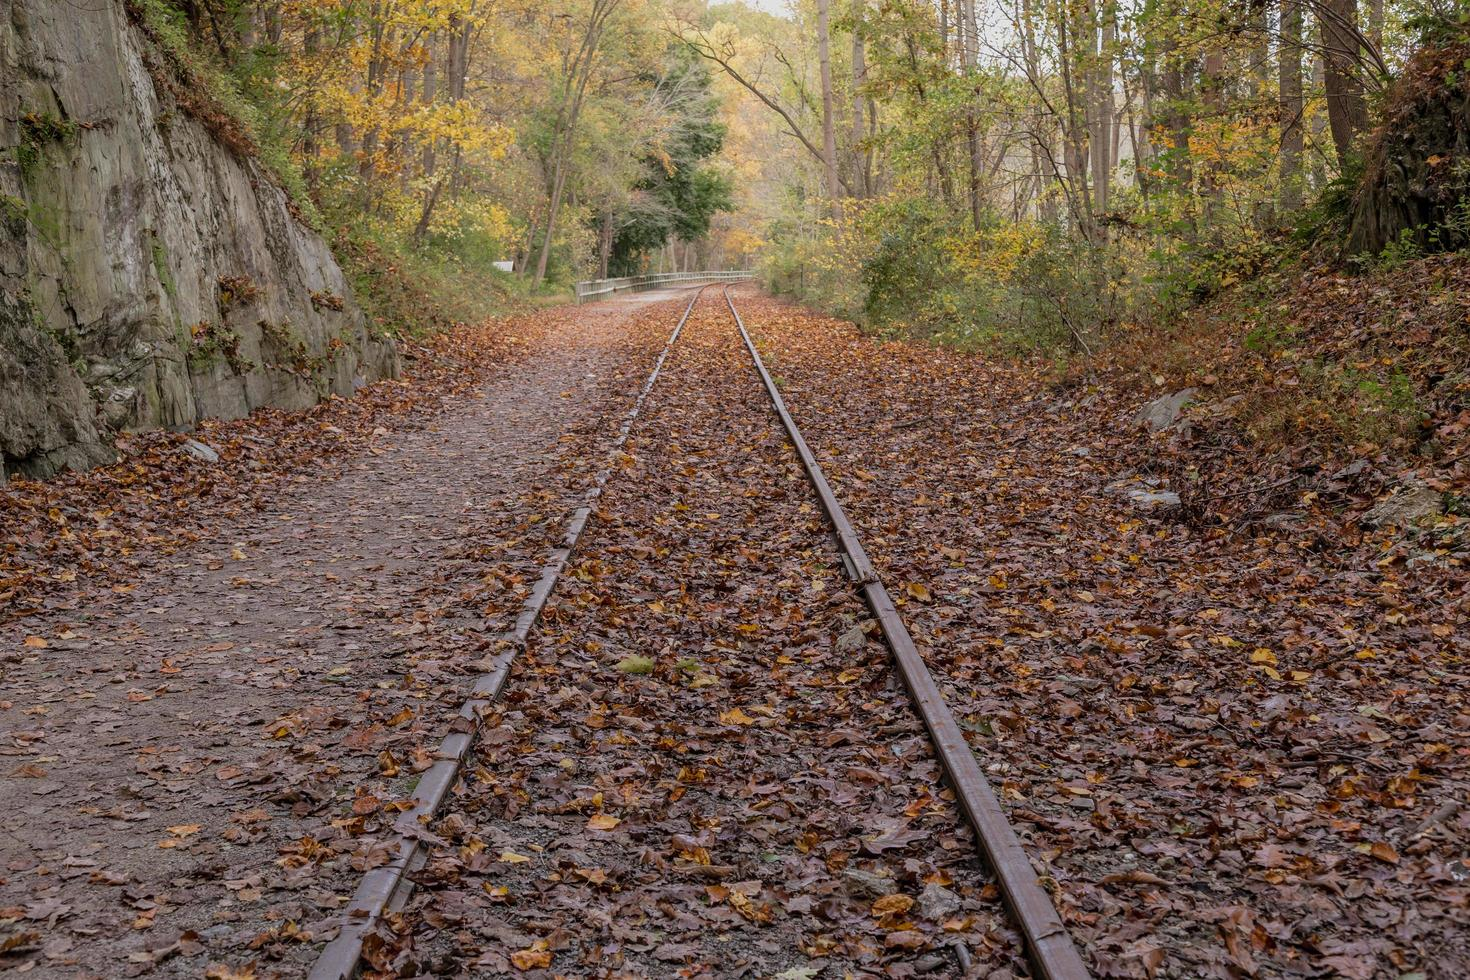 spoorrails bezaaid met gevallen bladeren foto